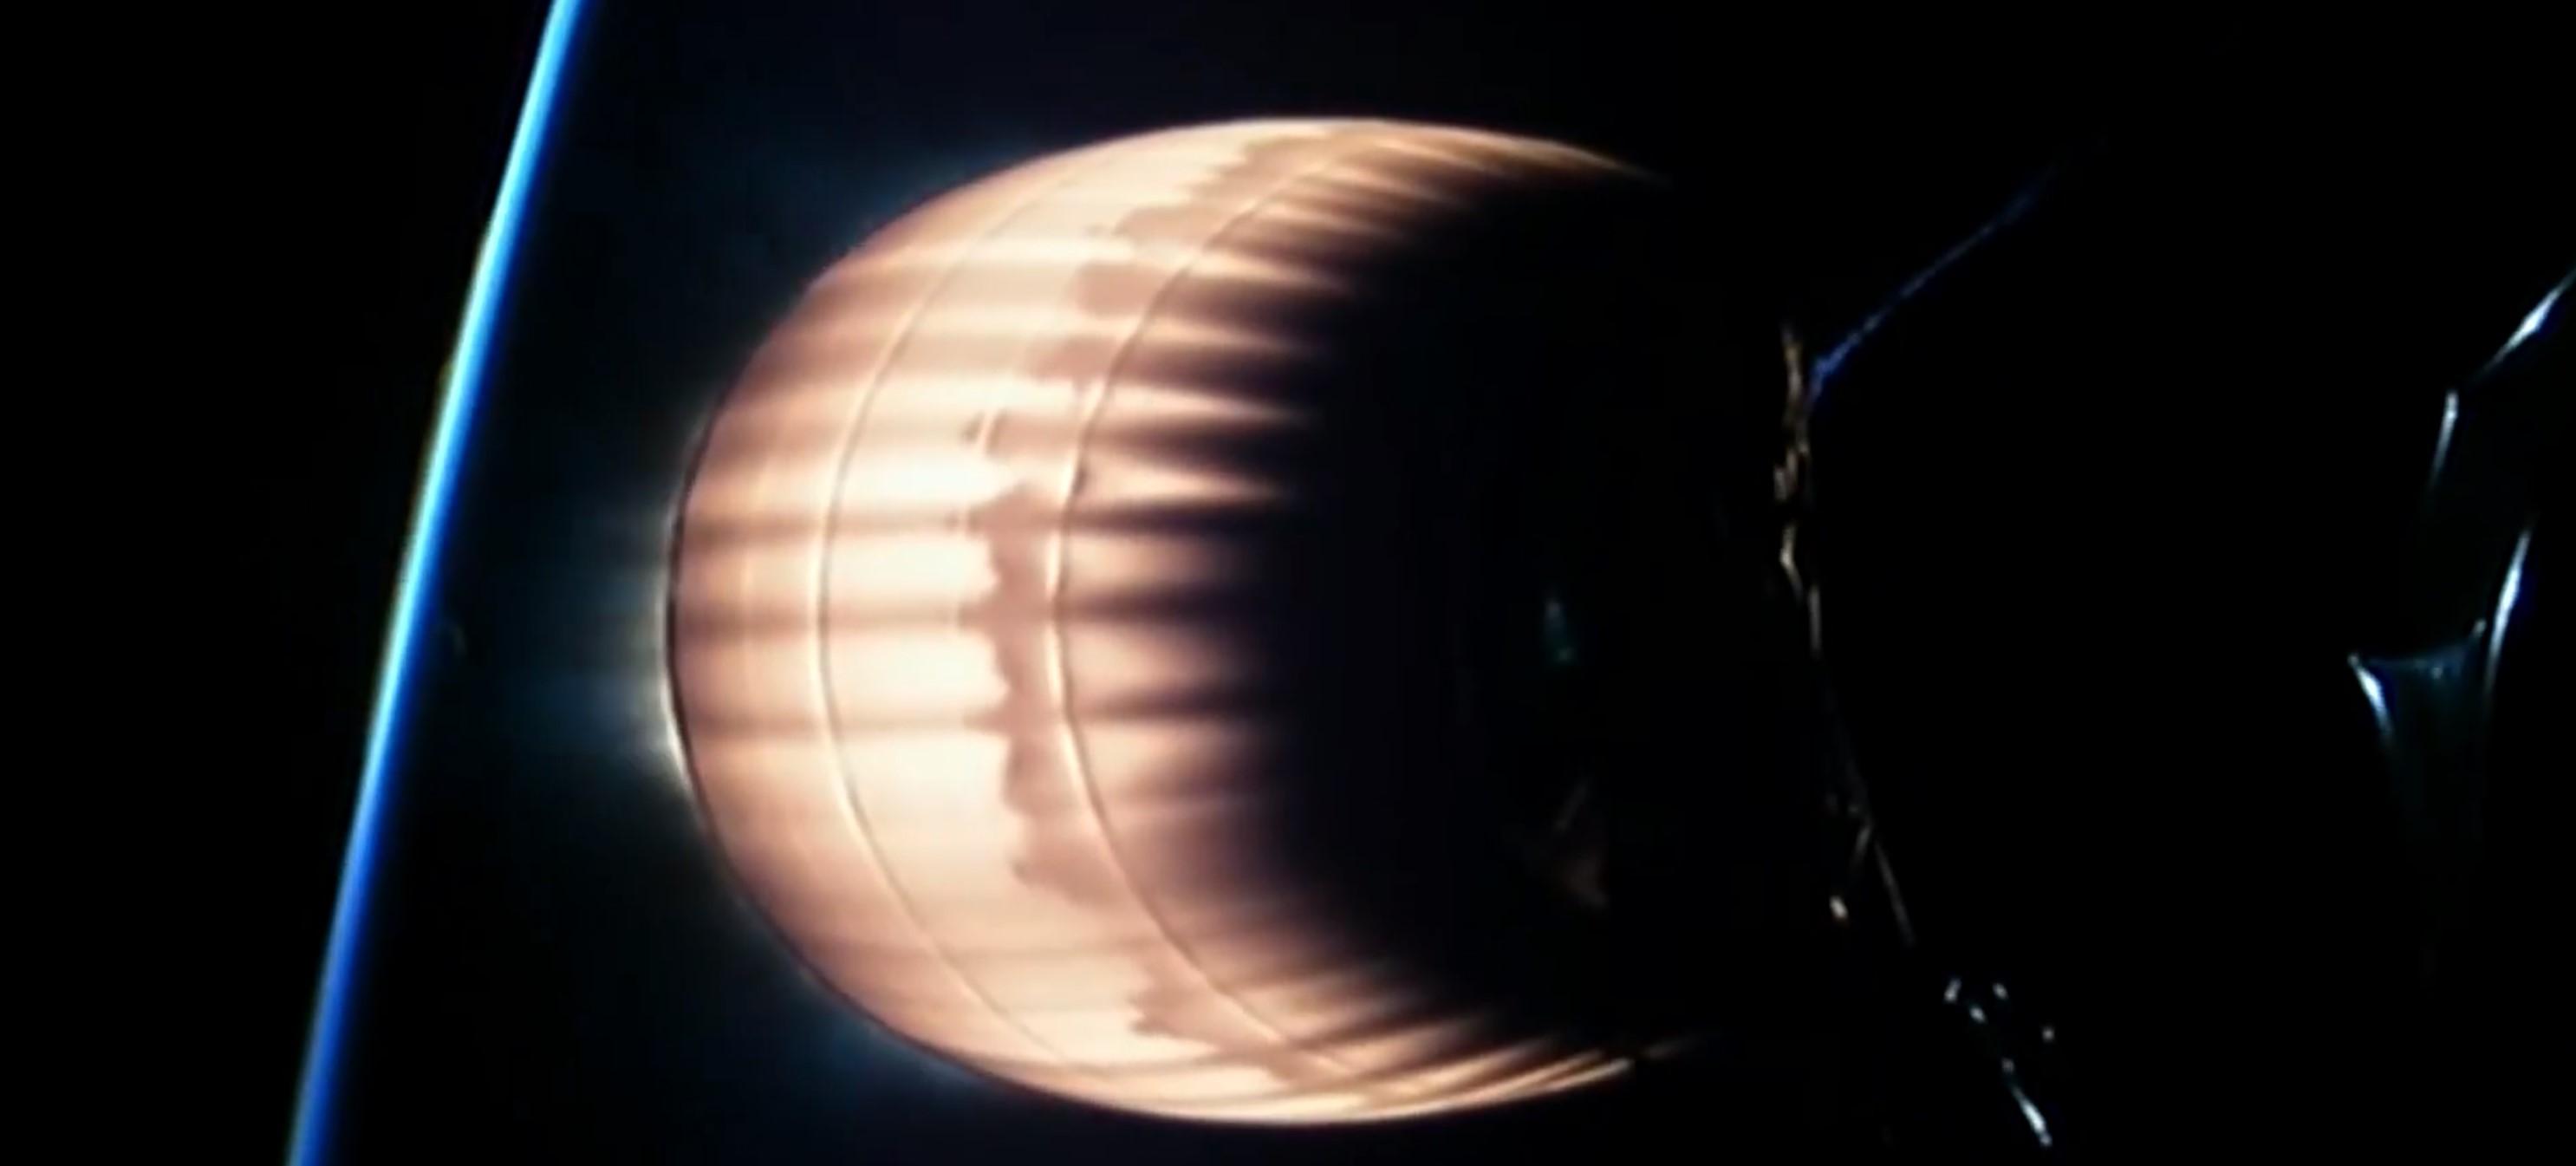 Earth Curvature Teslarati